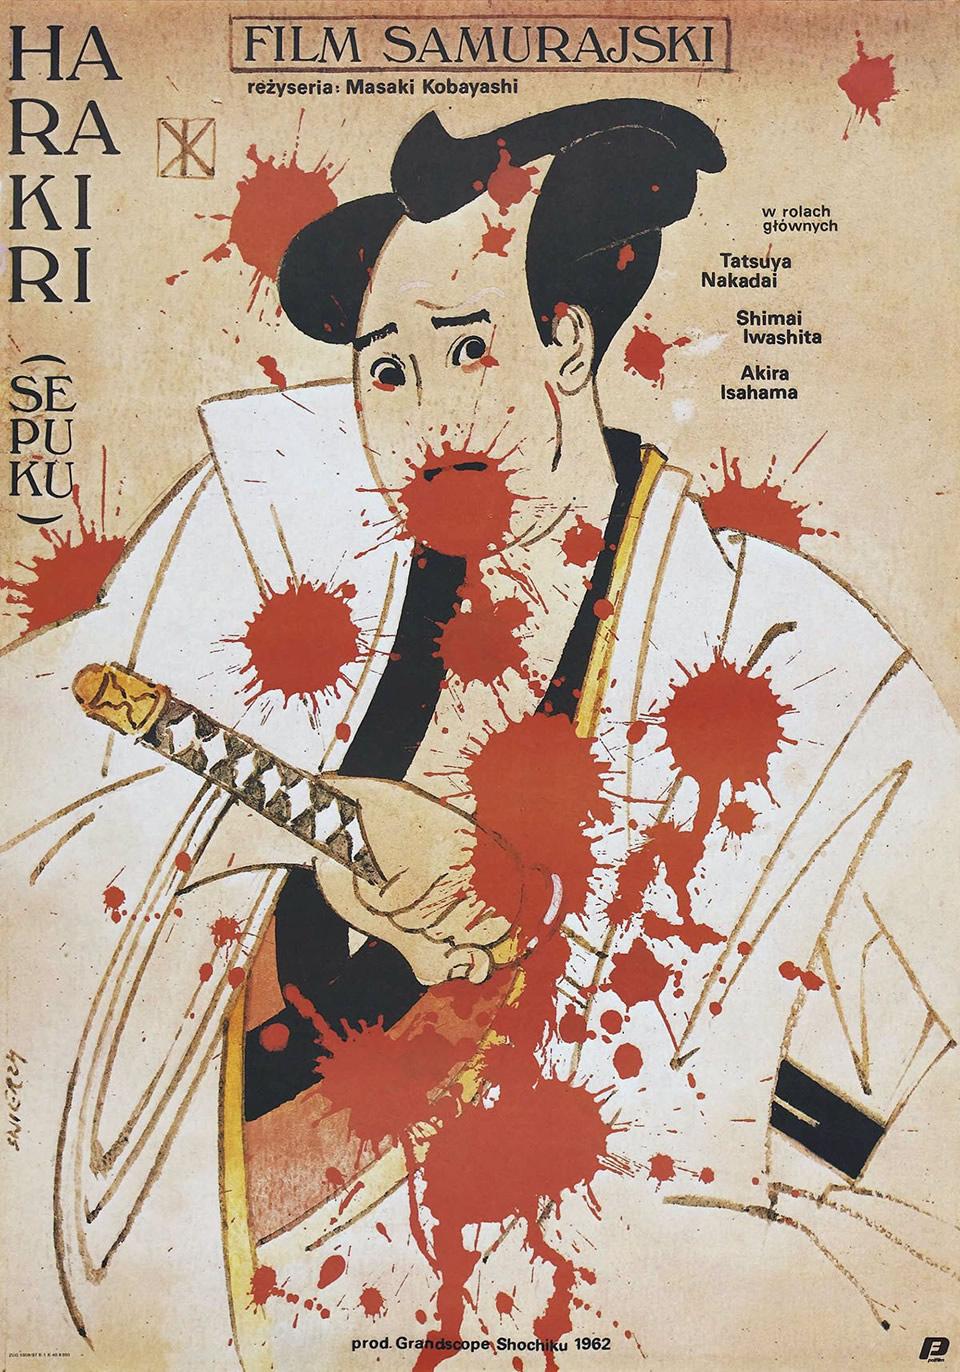 5. Harakiri (1962)